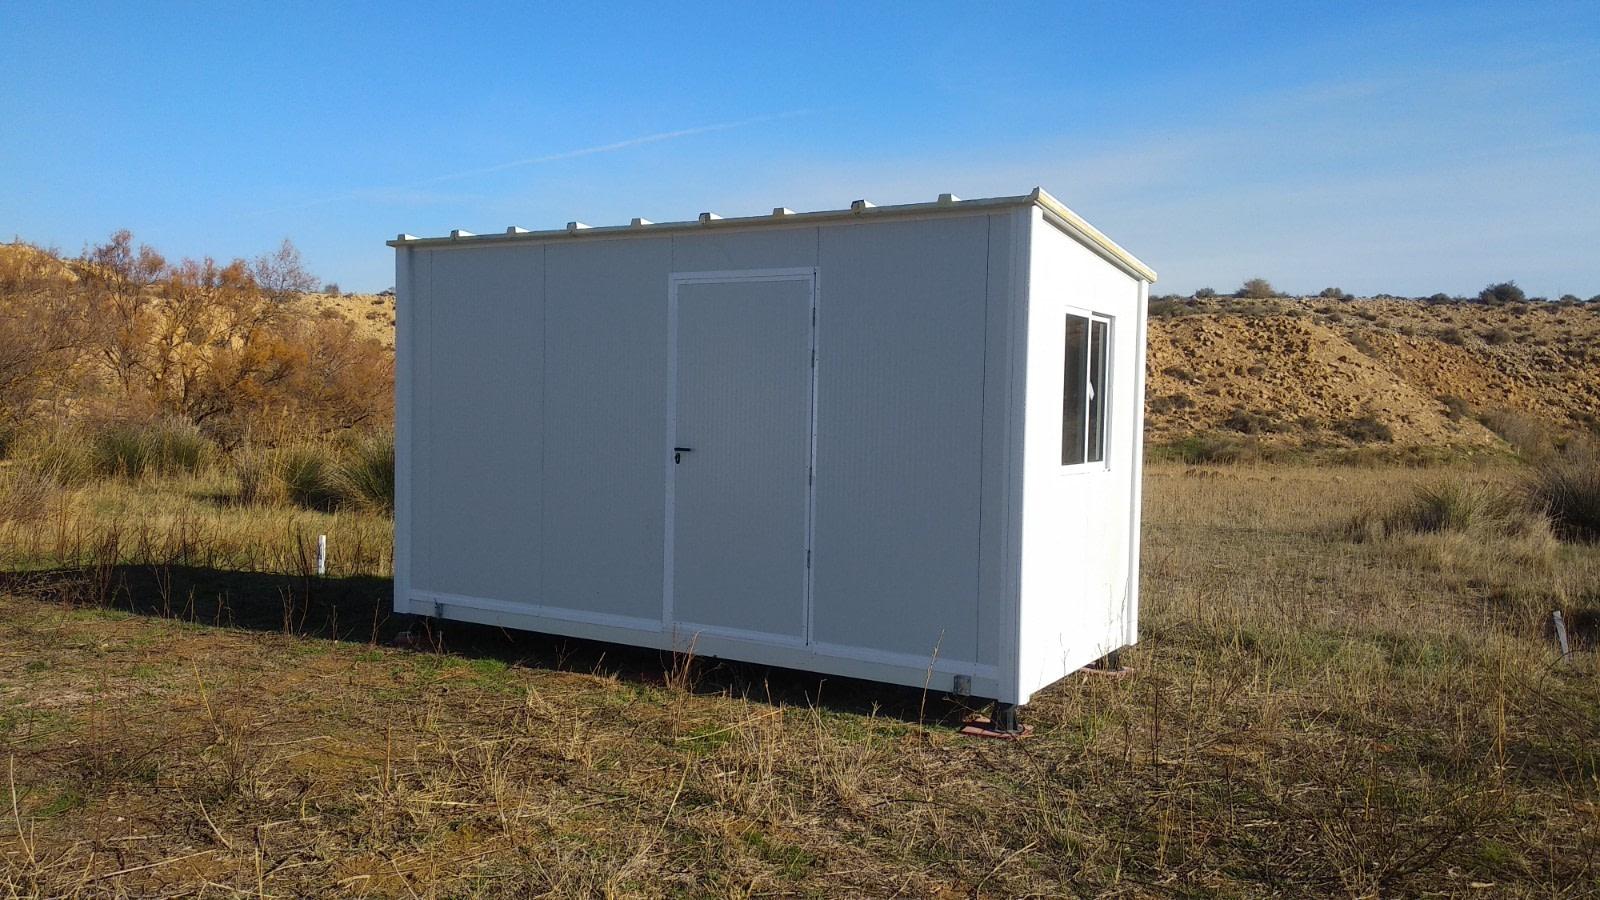 vivienda para campamento en zaragoza